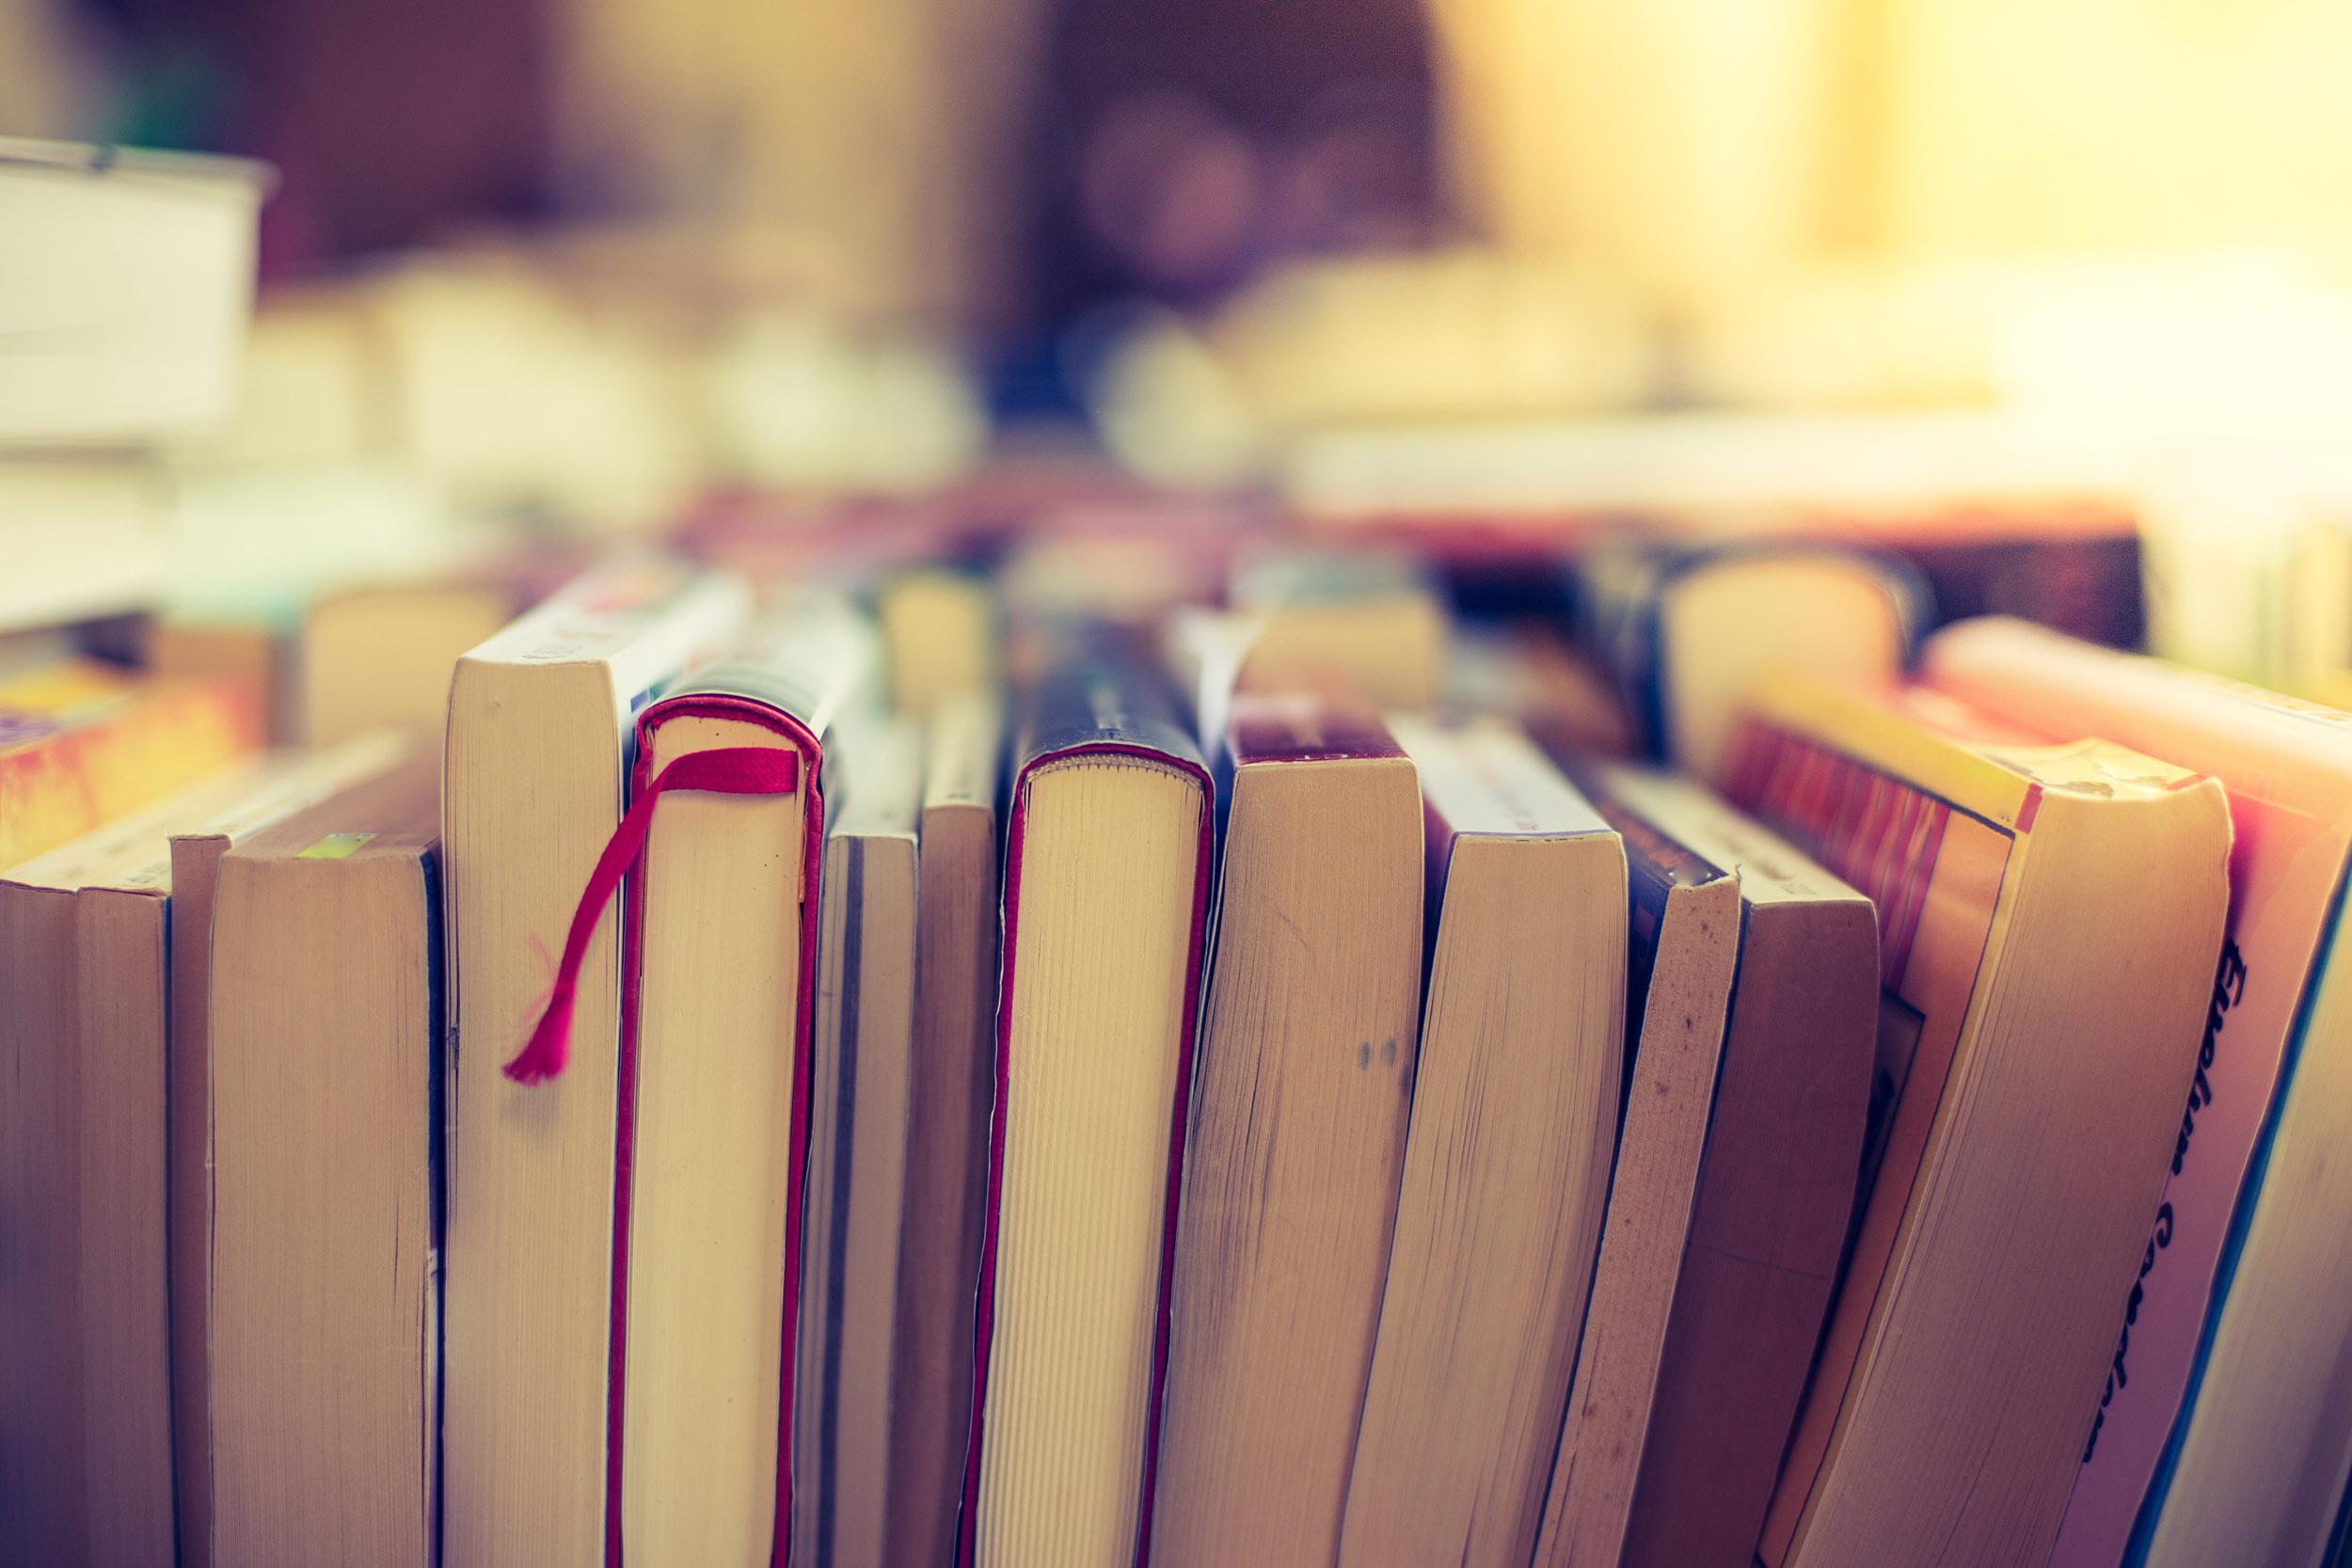 Appel à dons de livres pour la 16e fête du livre du Secours populaire de Noisiel - Communauté d'agglomération Paris - Vallée de la Marne